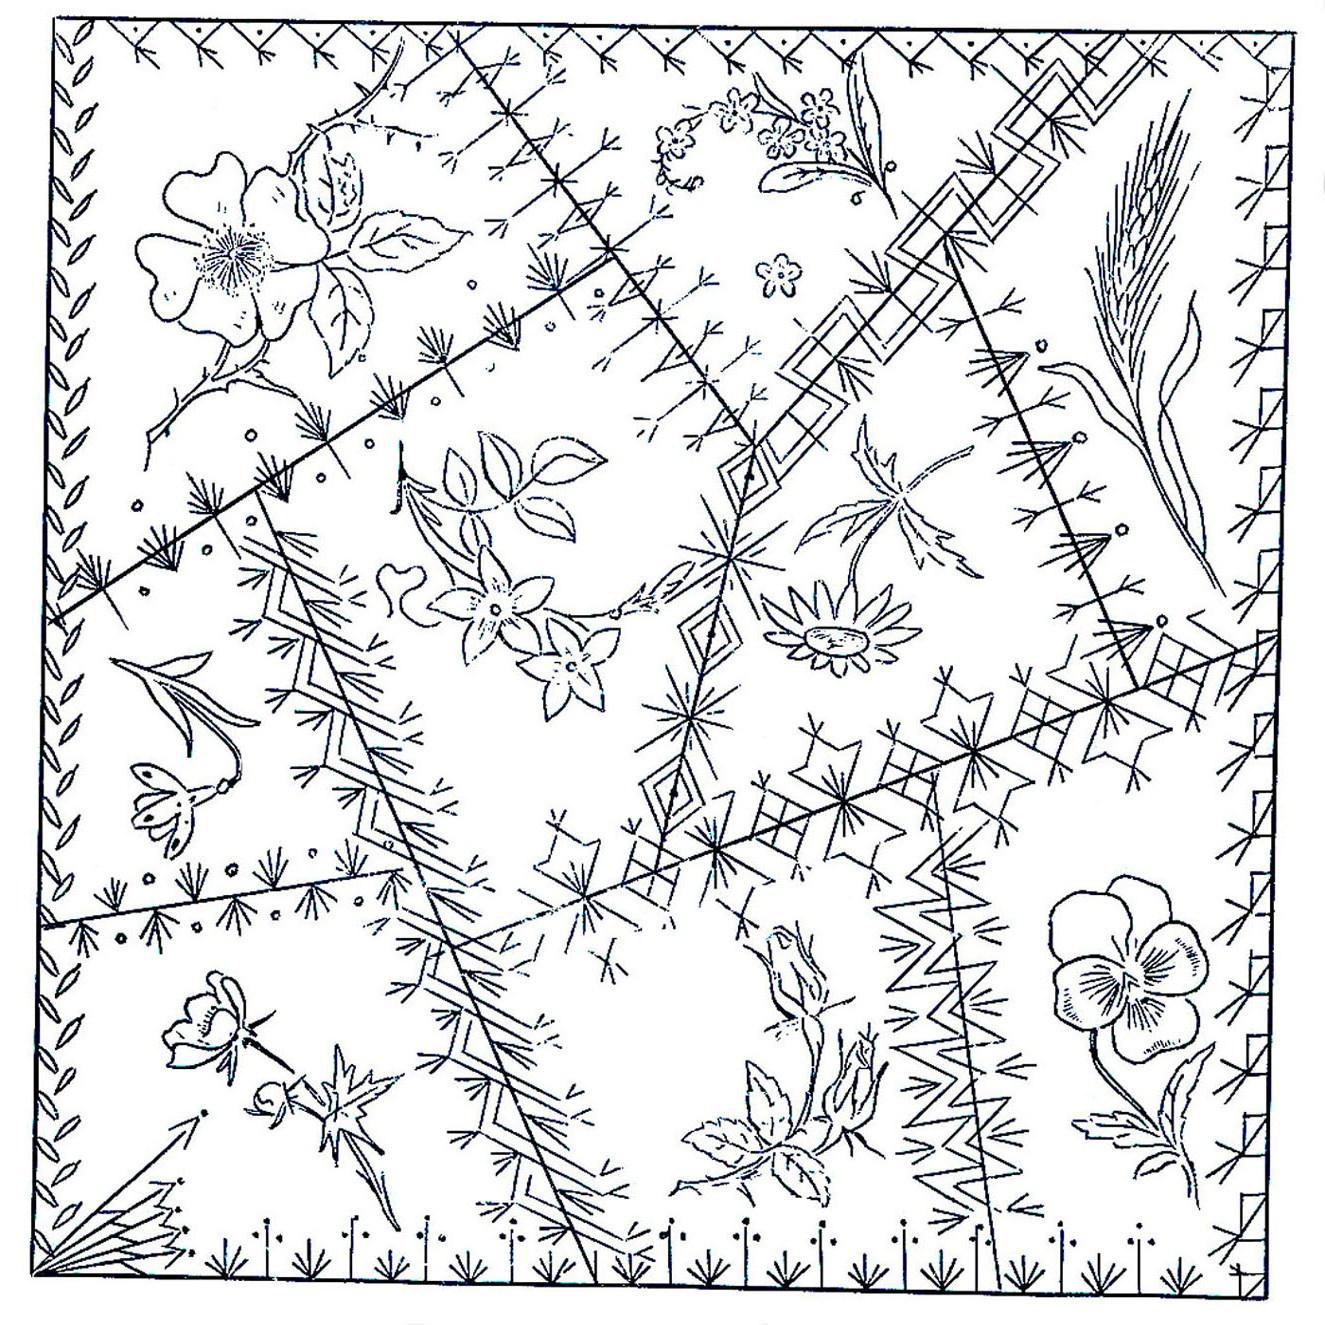 Betty Pillsbury & Green Spiral Herbs: Schoharie County